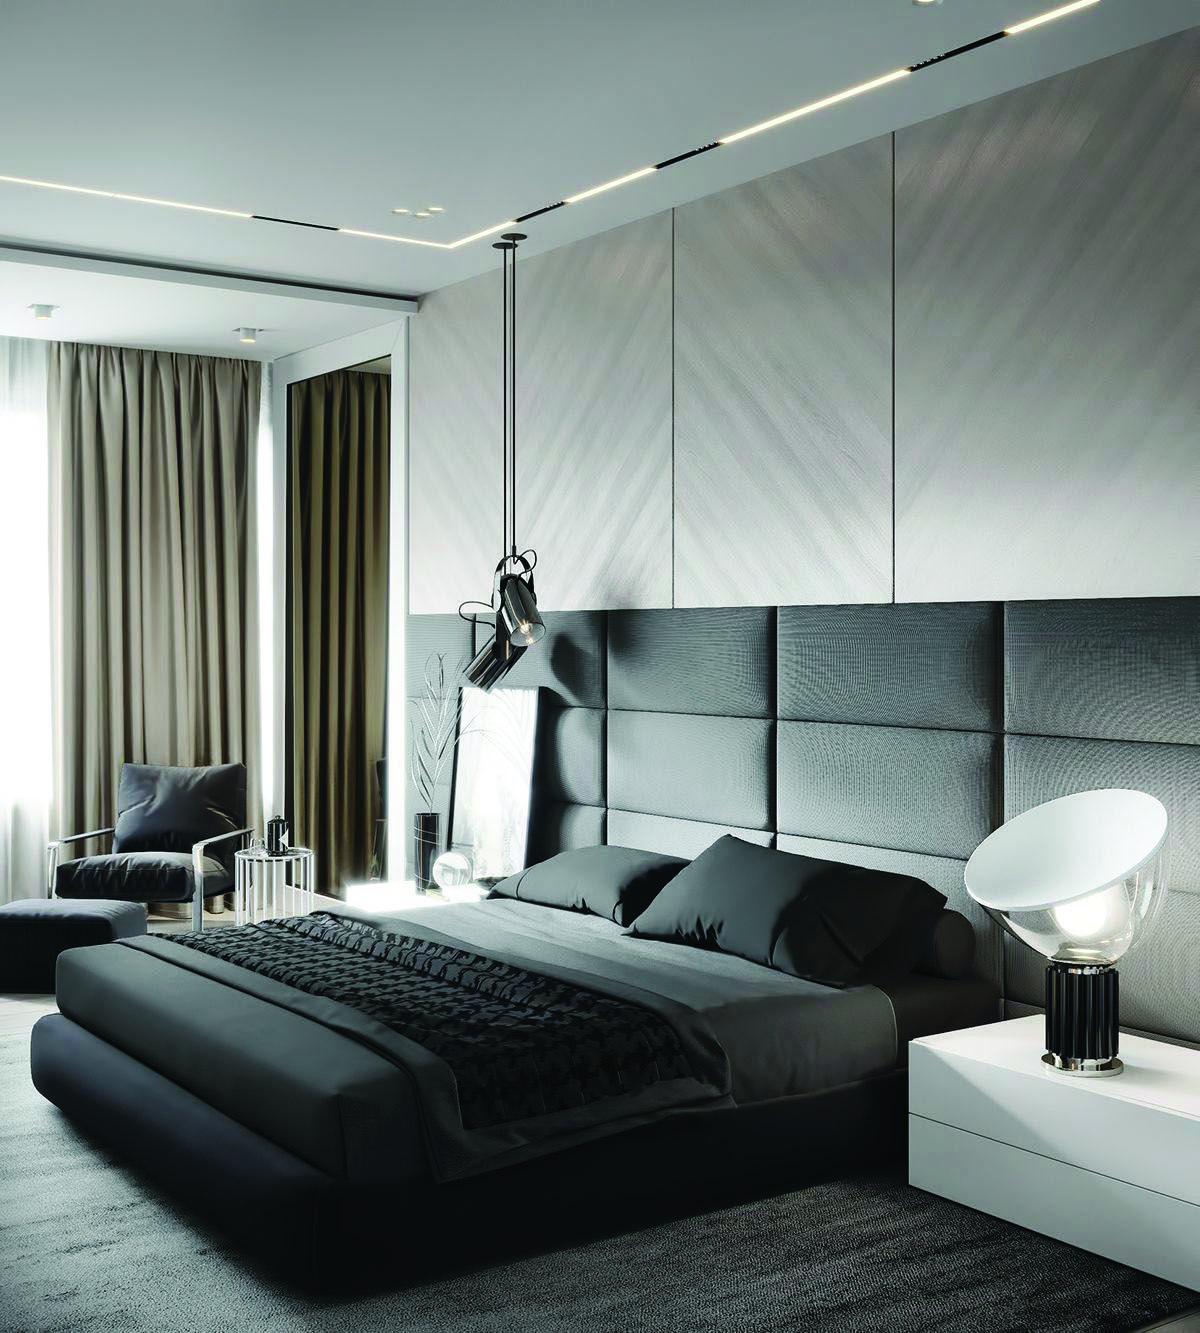 16 modern bedroom ideas you'll love Спальні, Ідеї для